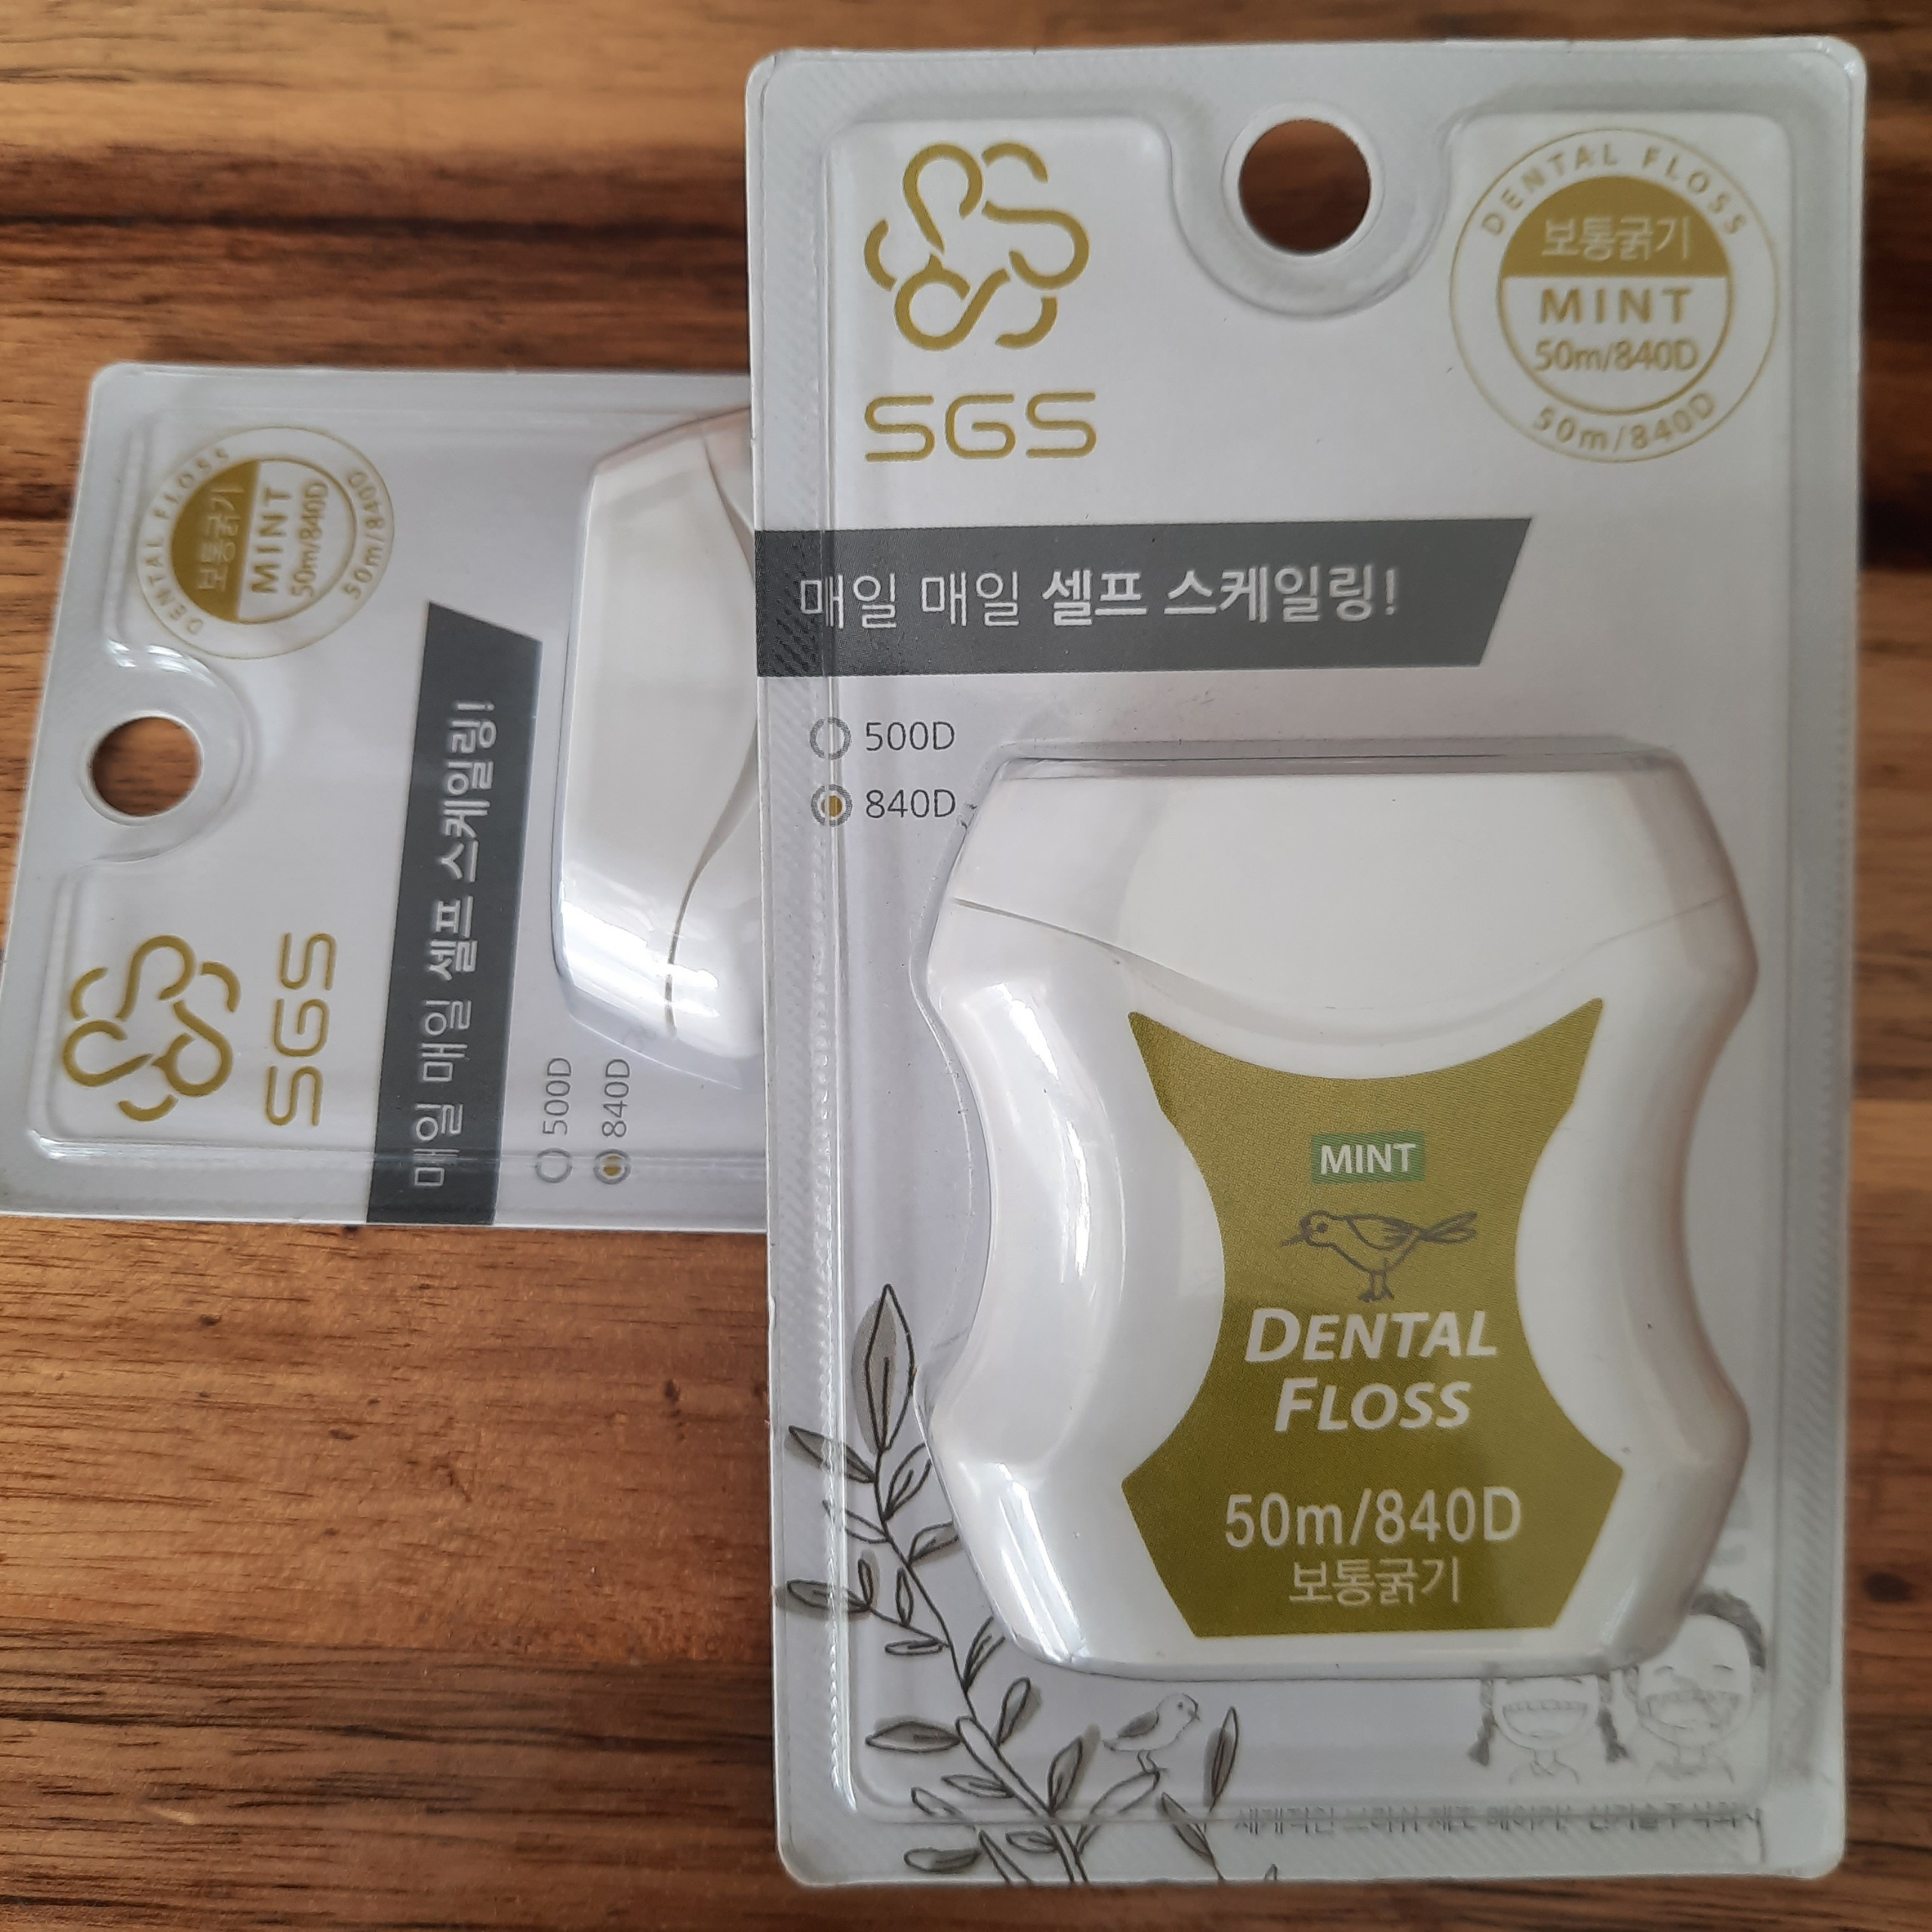 Combo 2 chỉ nha khoa SGS nhập khẩu Hàn Quốc - Loại 840D hương bạc hà (Sản xuất trực tiếp tại Hàn Quốc)